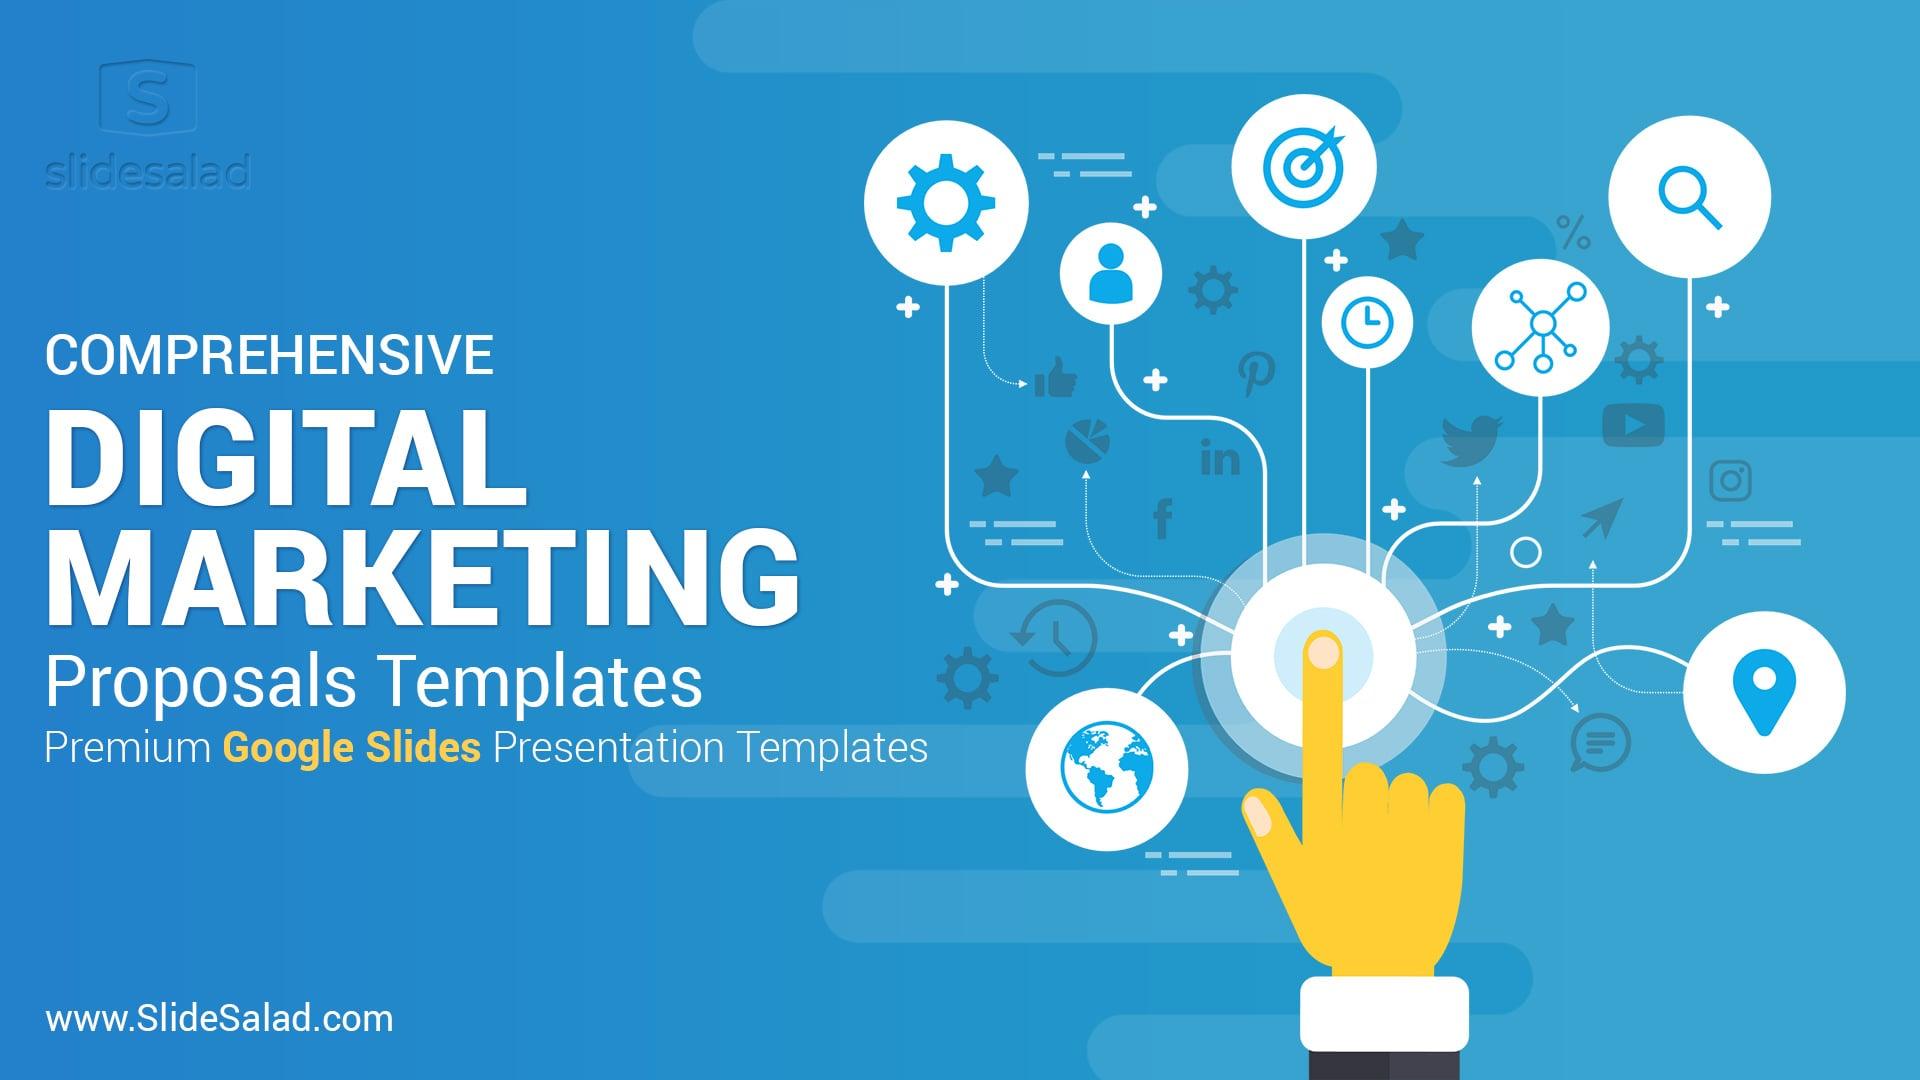 Best Digital Marketing Proposals Google Slides Templates - Vibrant Google Slides Template